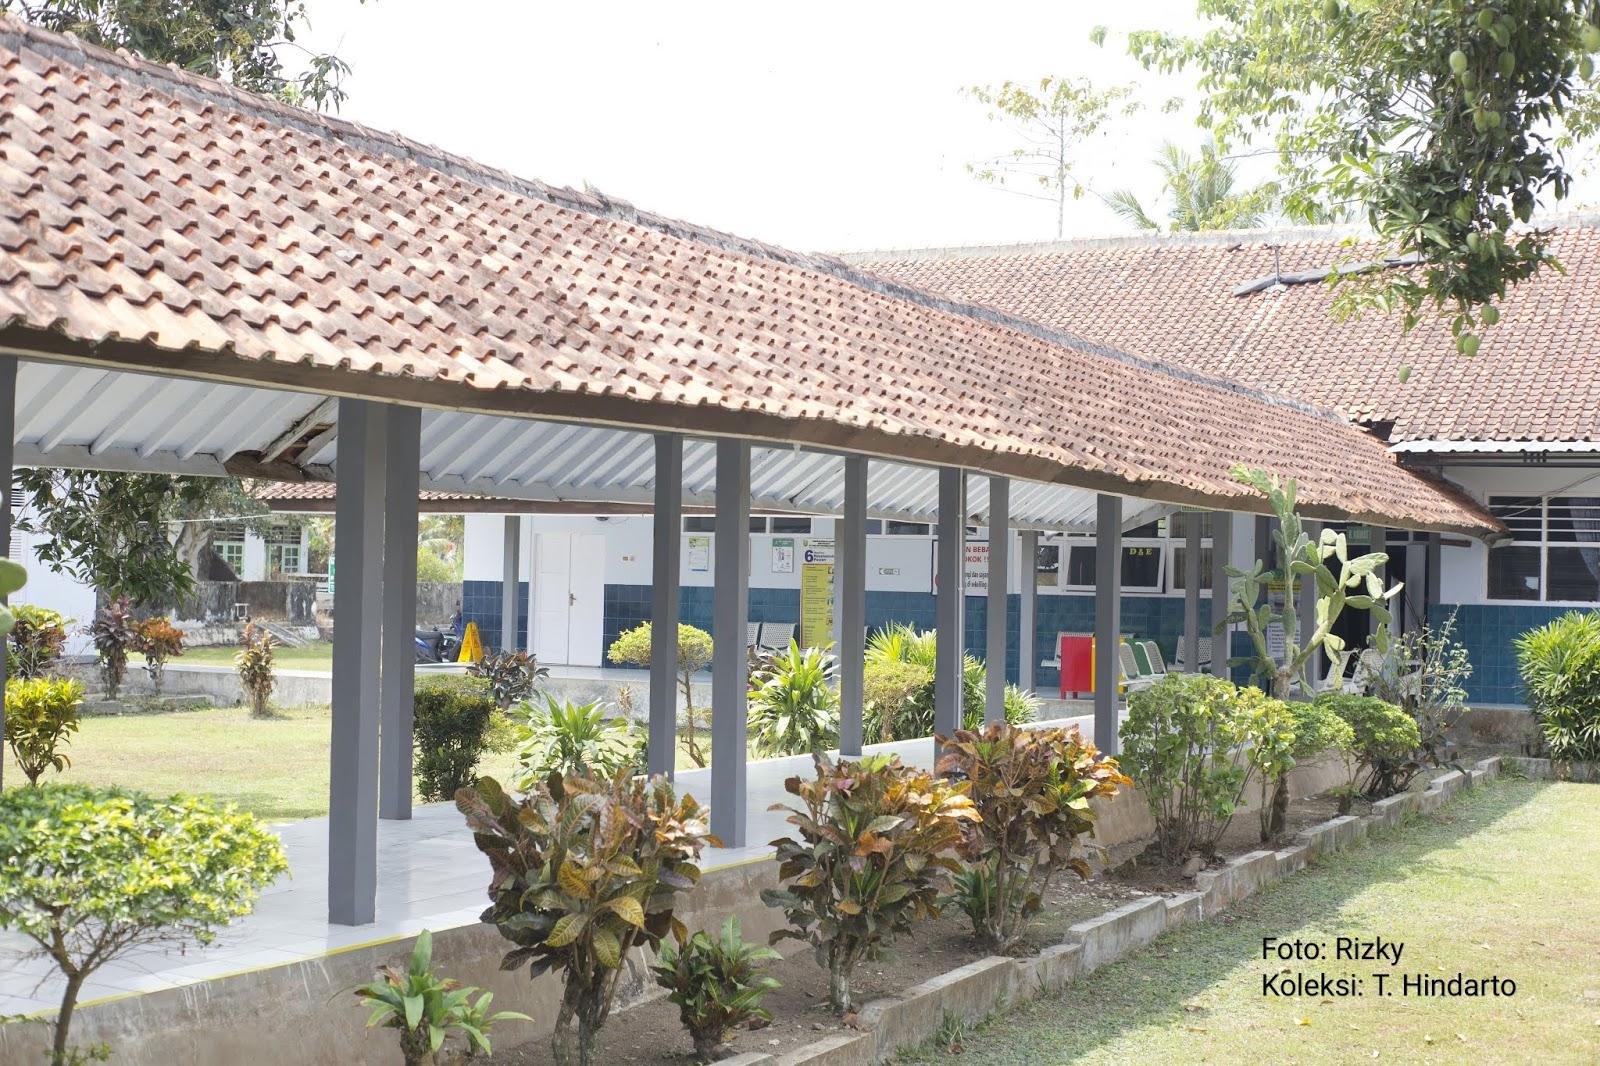 Ziekenhuis Nirmala (RS Nirmala): Monumen Historis Kemandirian Perawatan Kesehatan Masyarakat di Karanganyar